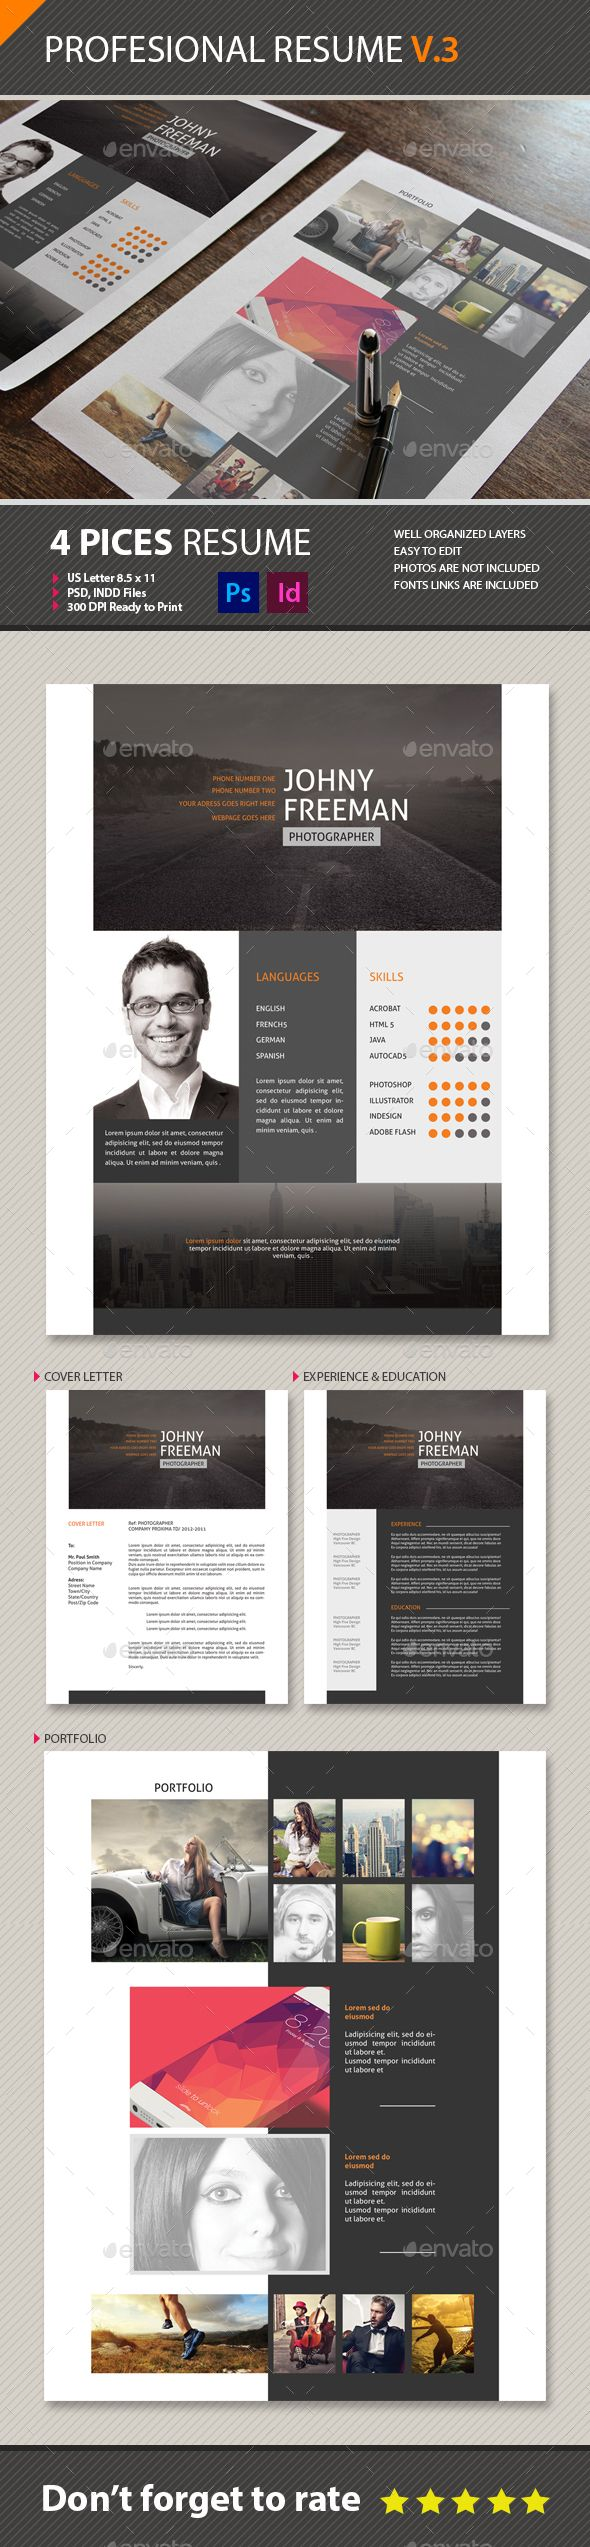 Resume Cv Template PSD INDD design Download